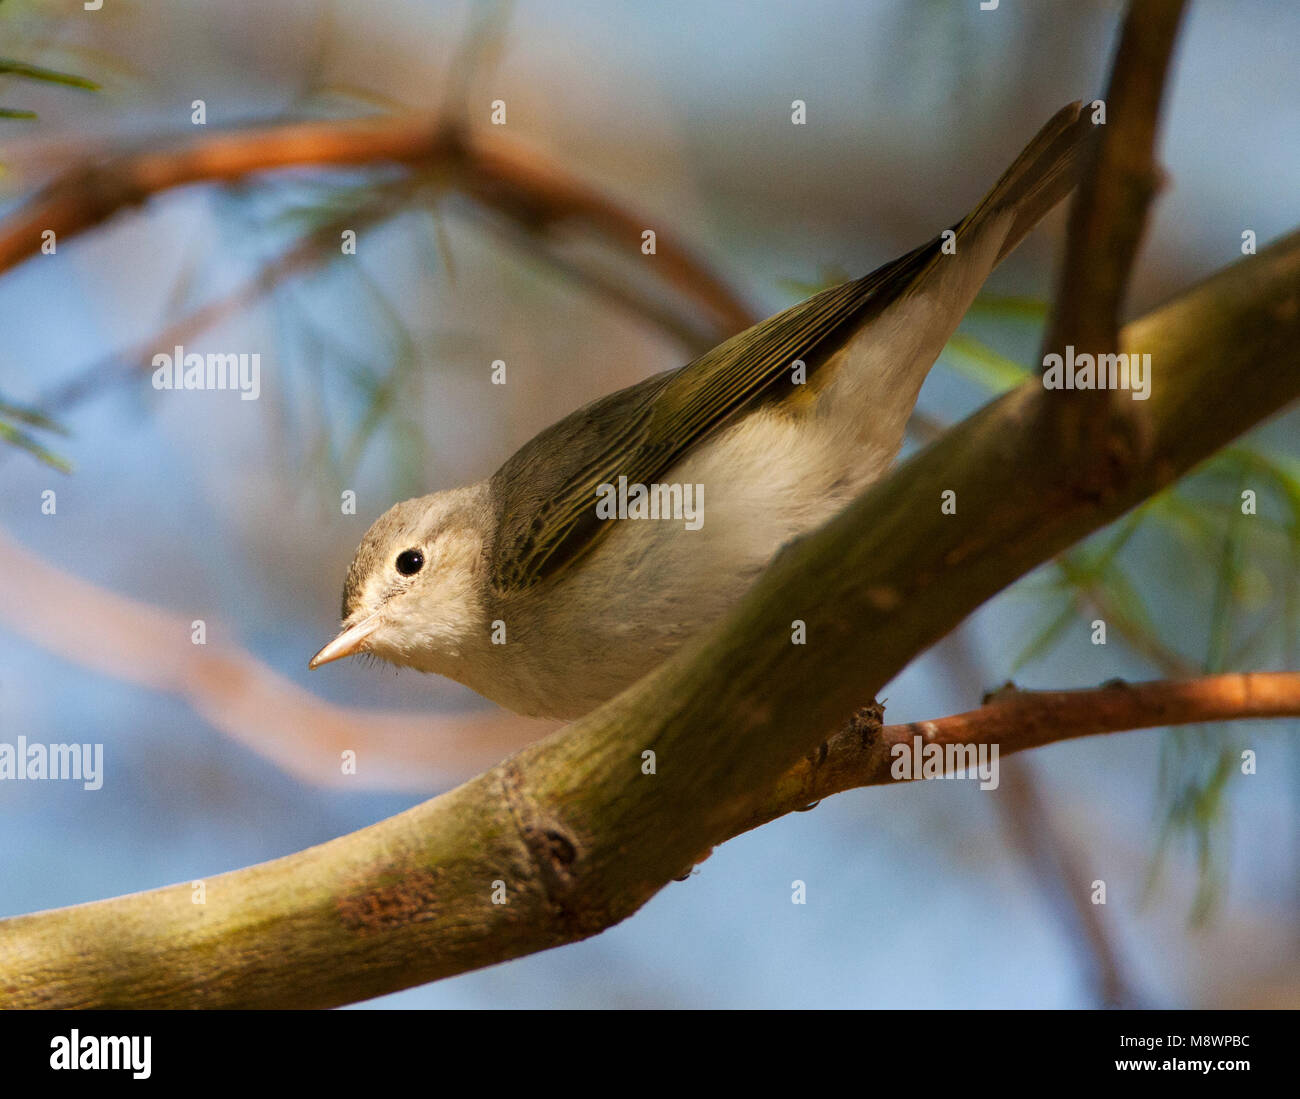 Balkanbergfluiter, Balkan's Warbler, Phylloscopus orientalis - Stock Image